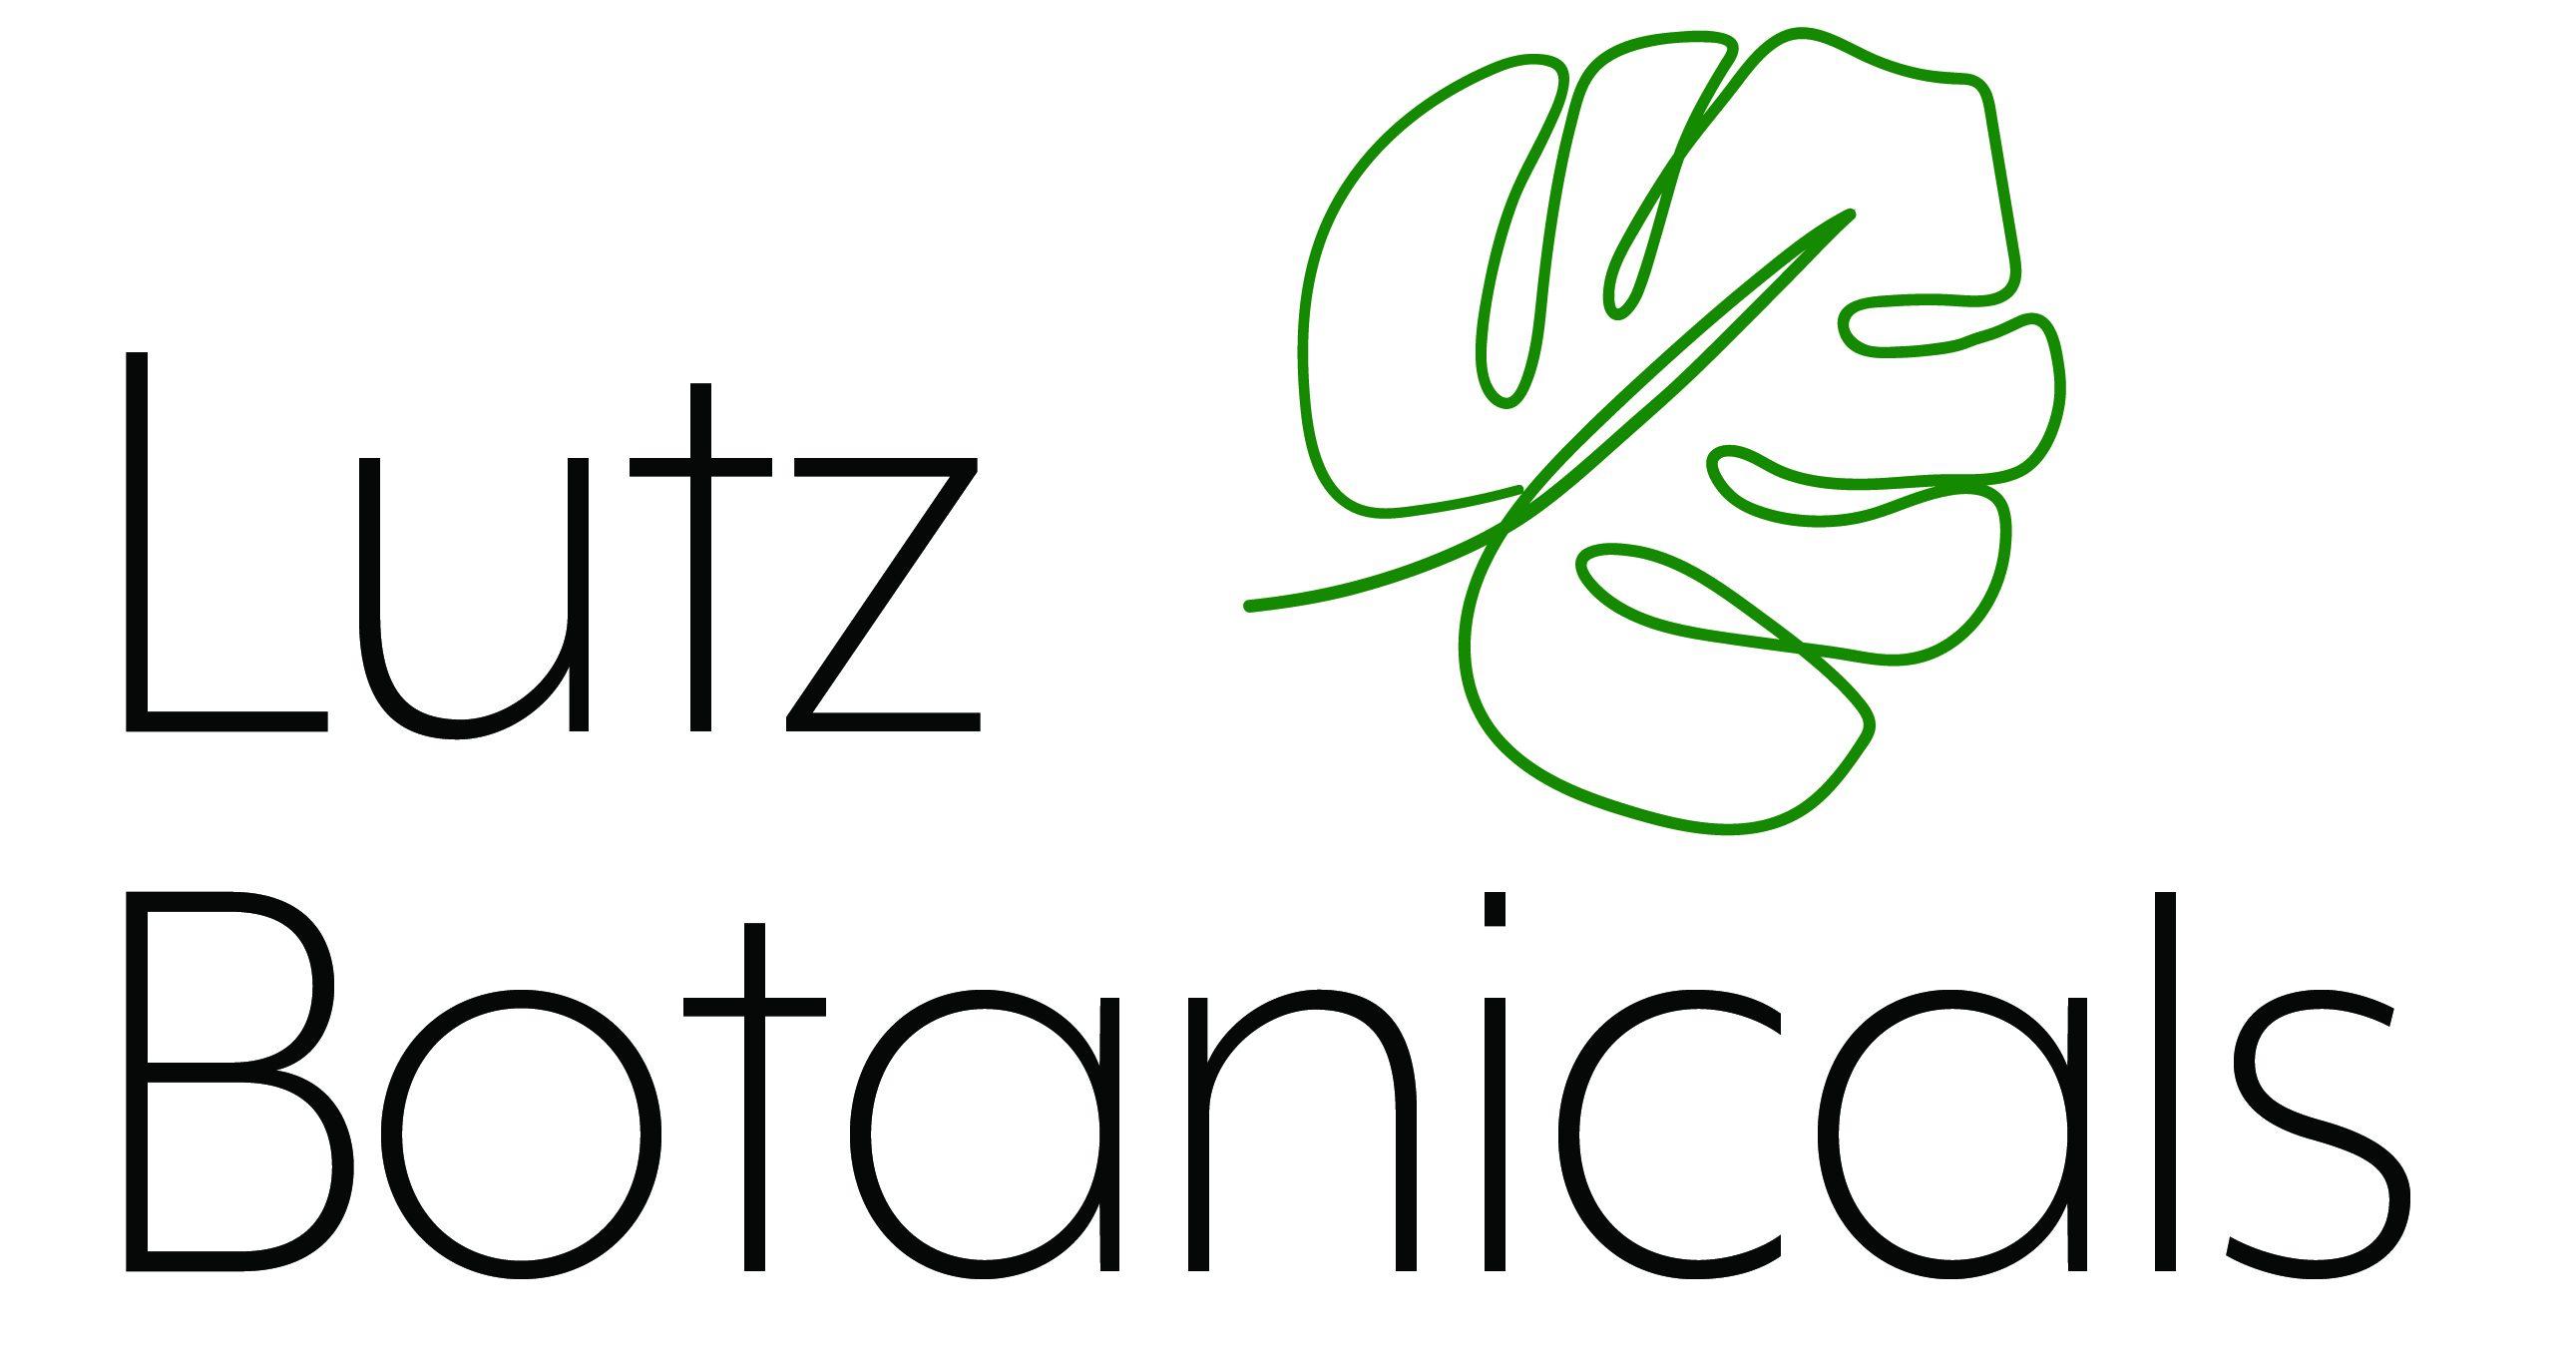 Lutz Botanicals